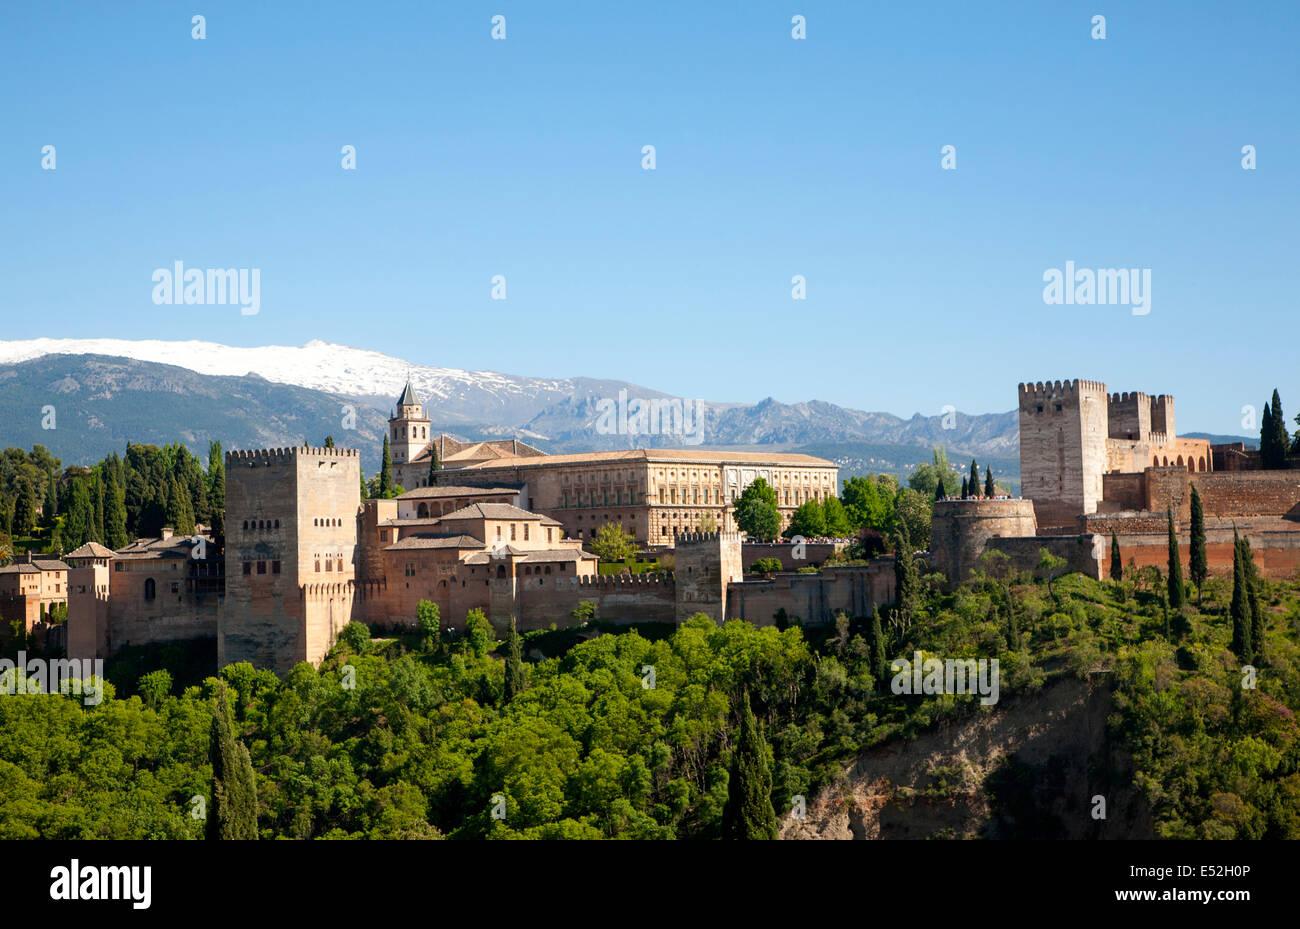 Cime innevate delle montagne della Sierra Nevada e l'Alhambra di Granada, Spagna Immagini Stock